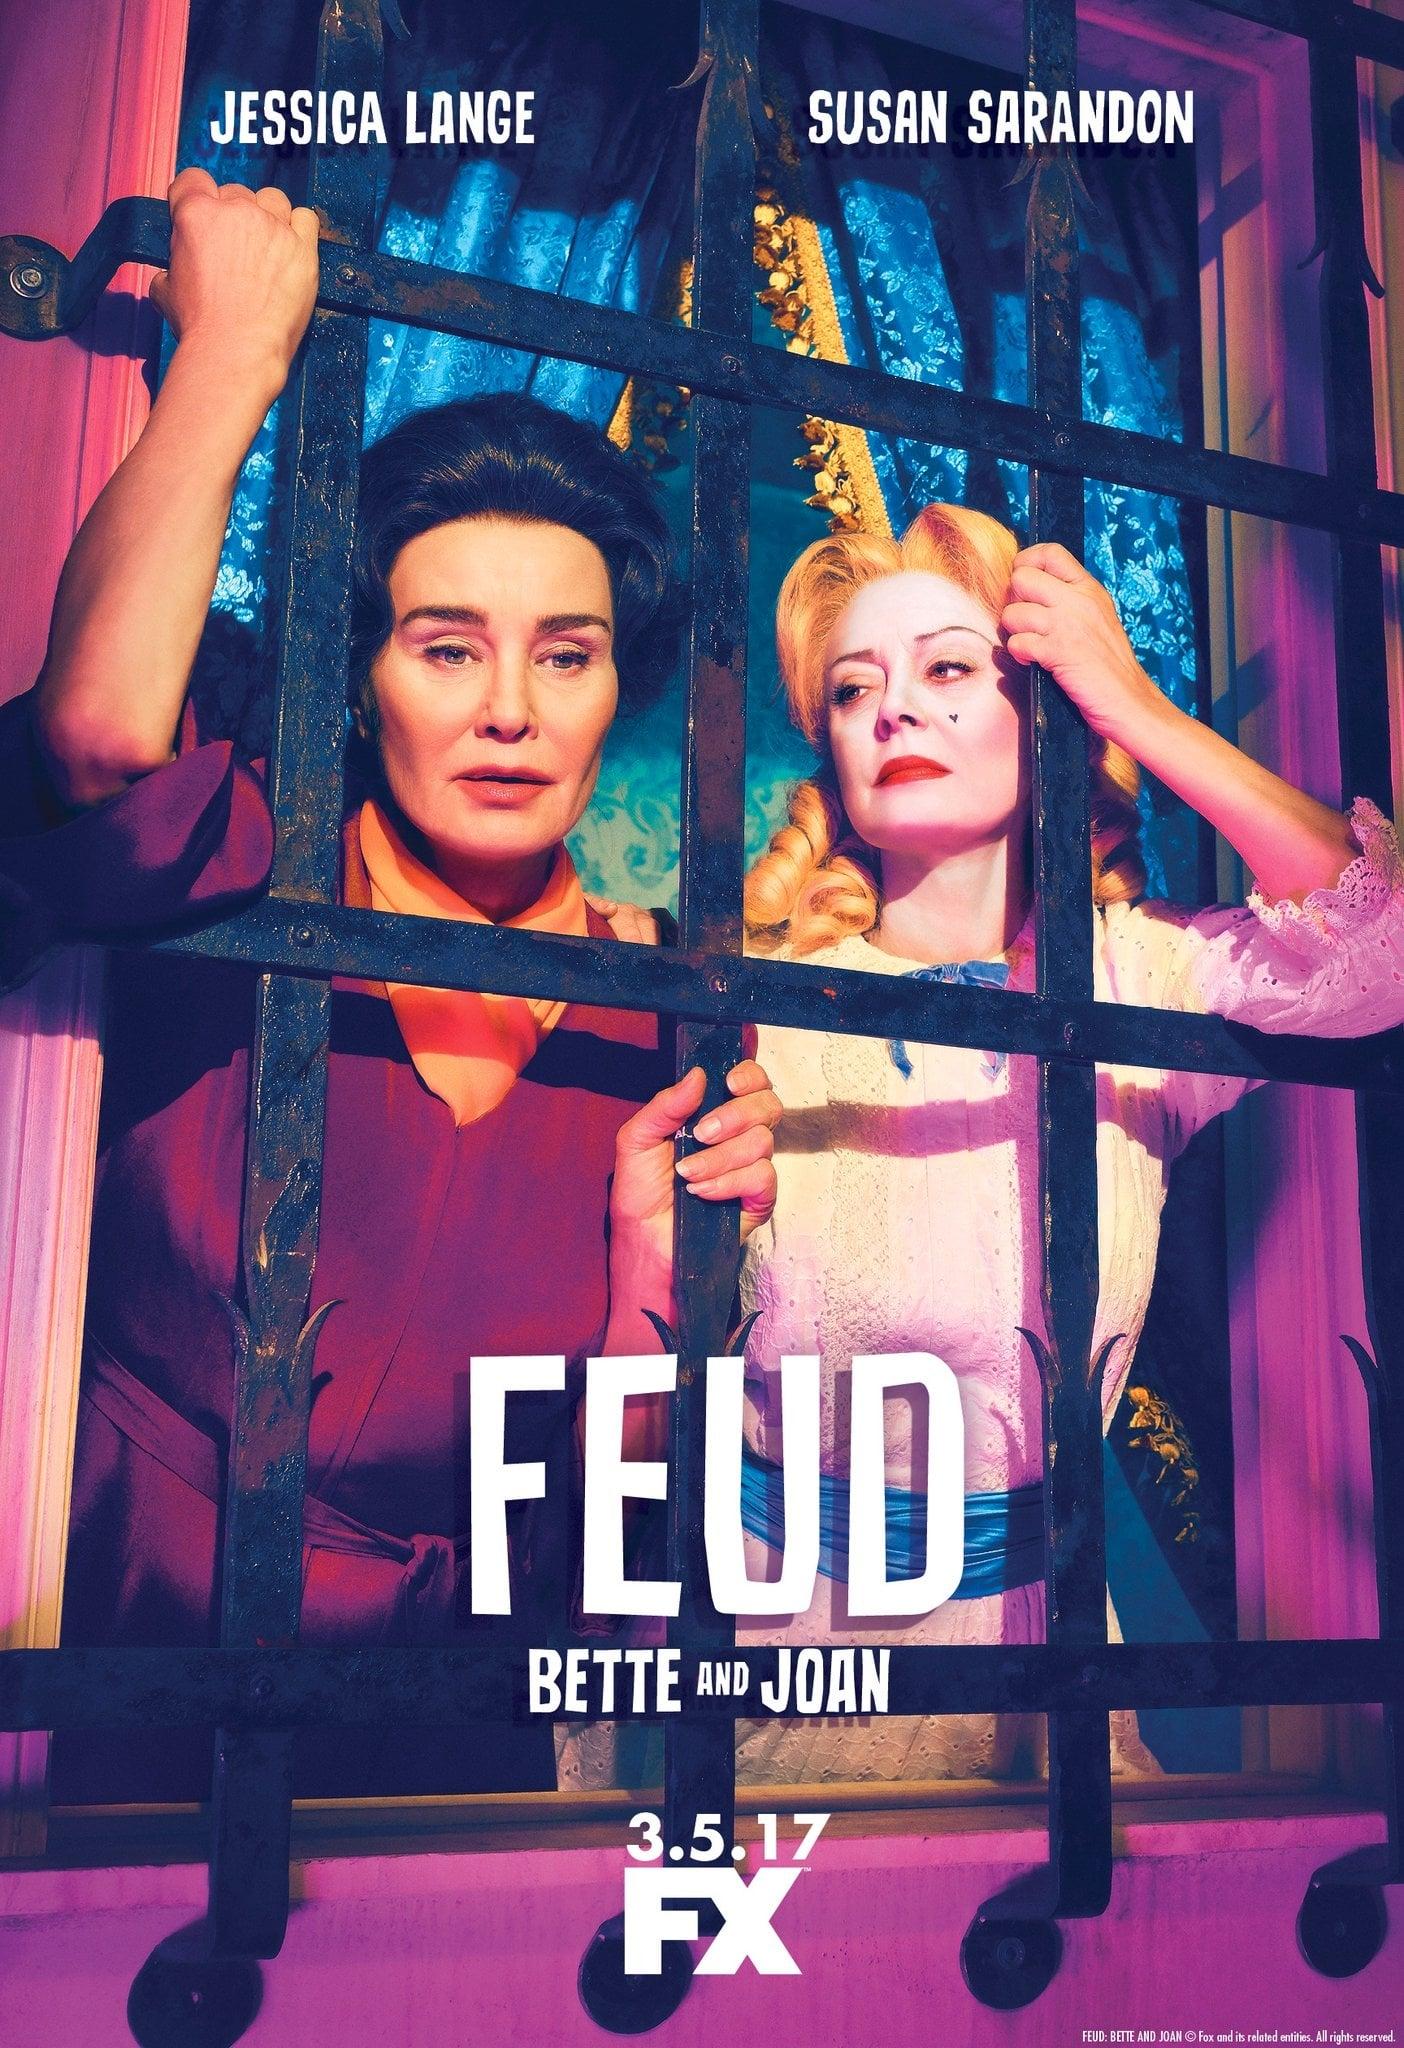 Inside Look: Feud - Bette and Joan